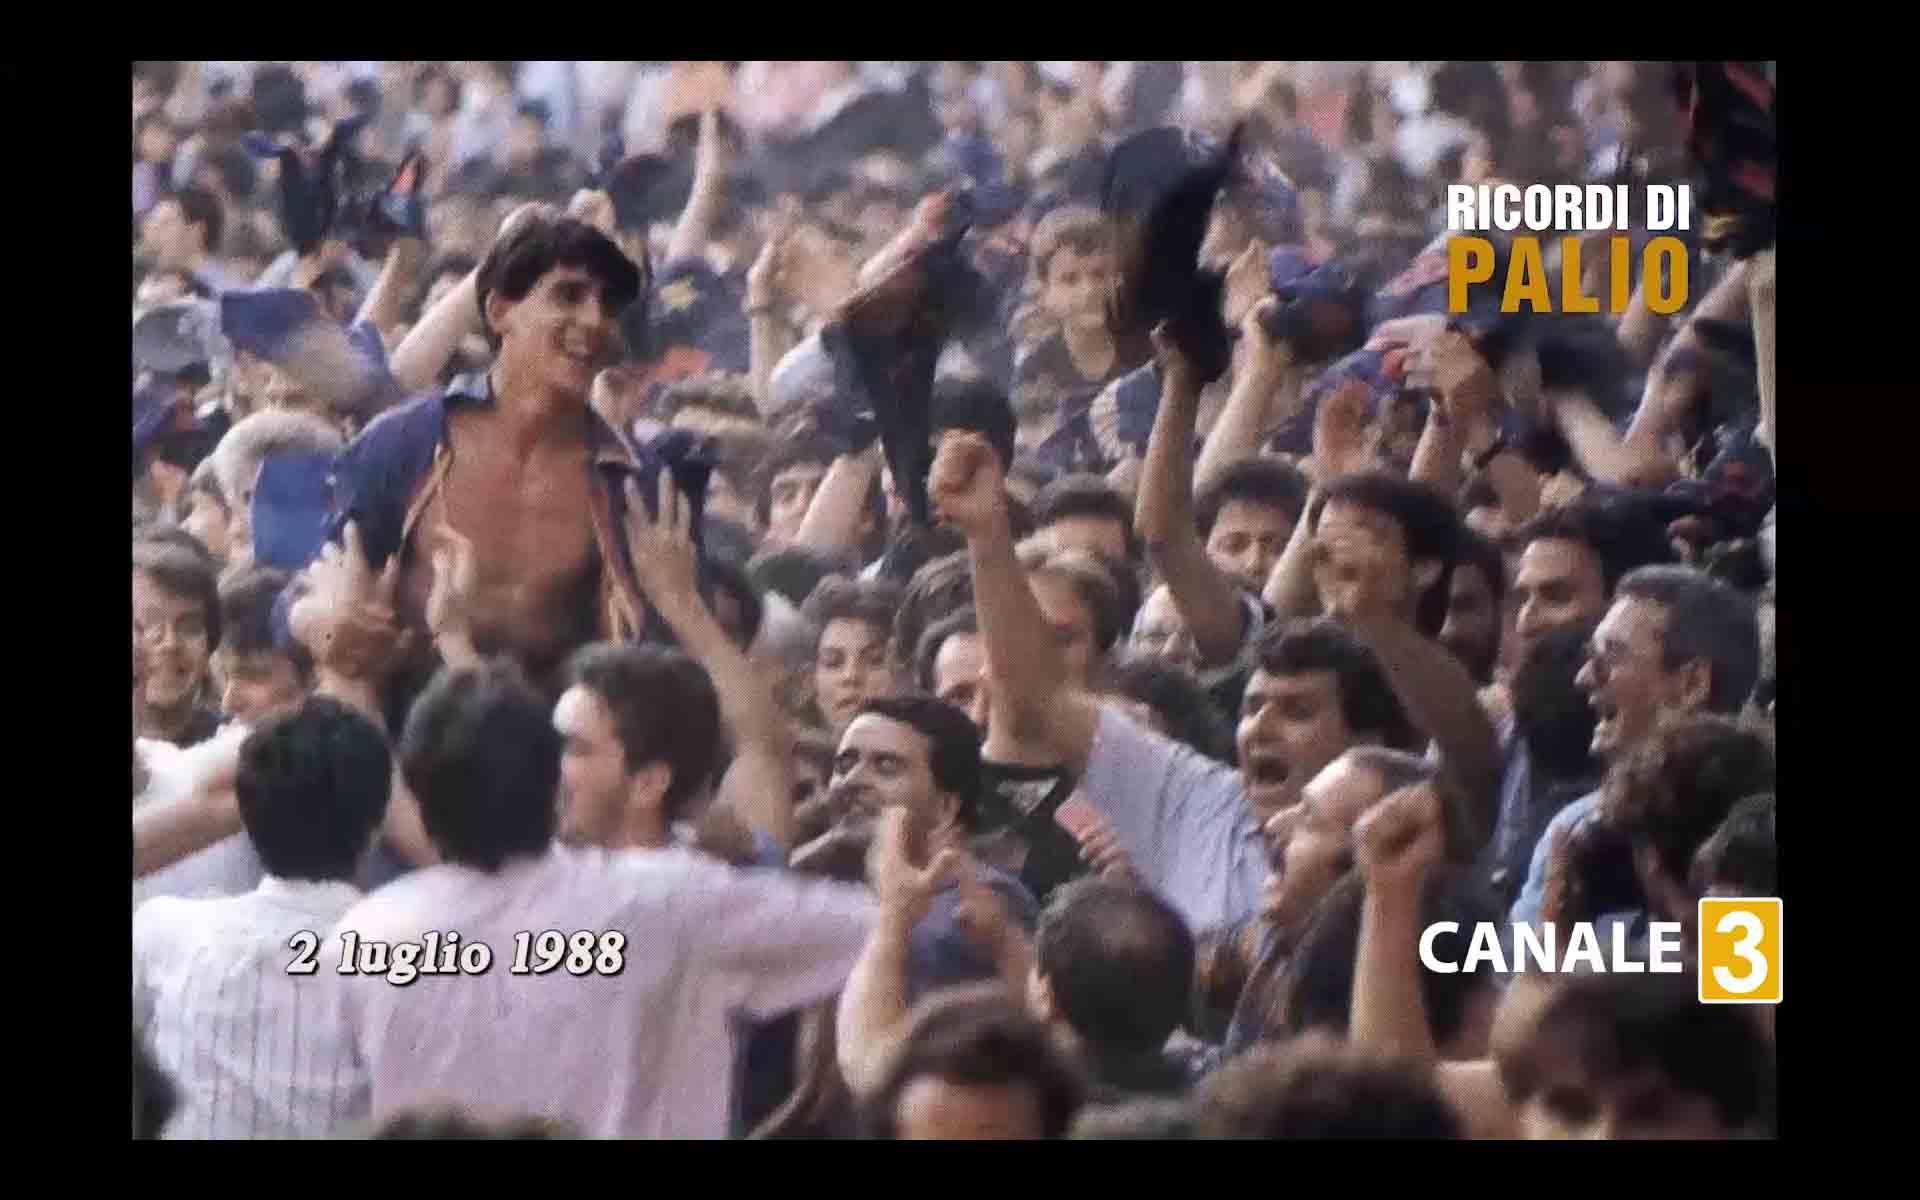 Massimo Coghe vittorioso dopo il Palio del 2 luglio 1988 nel Nicchio